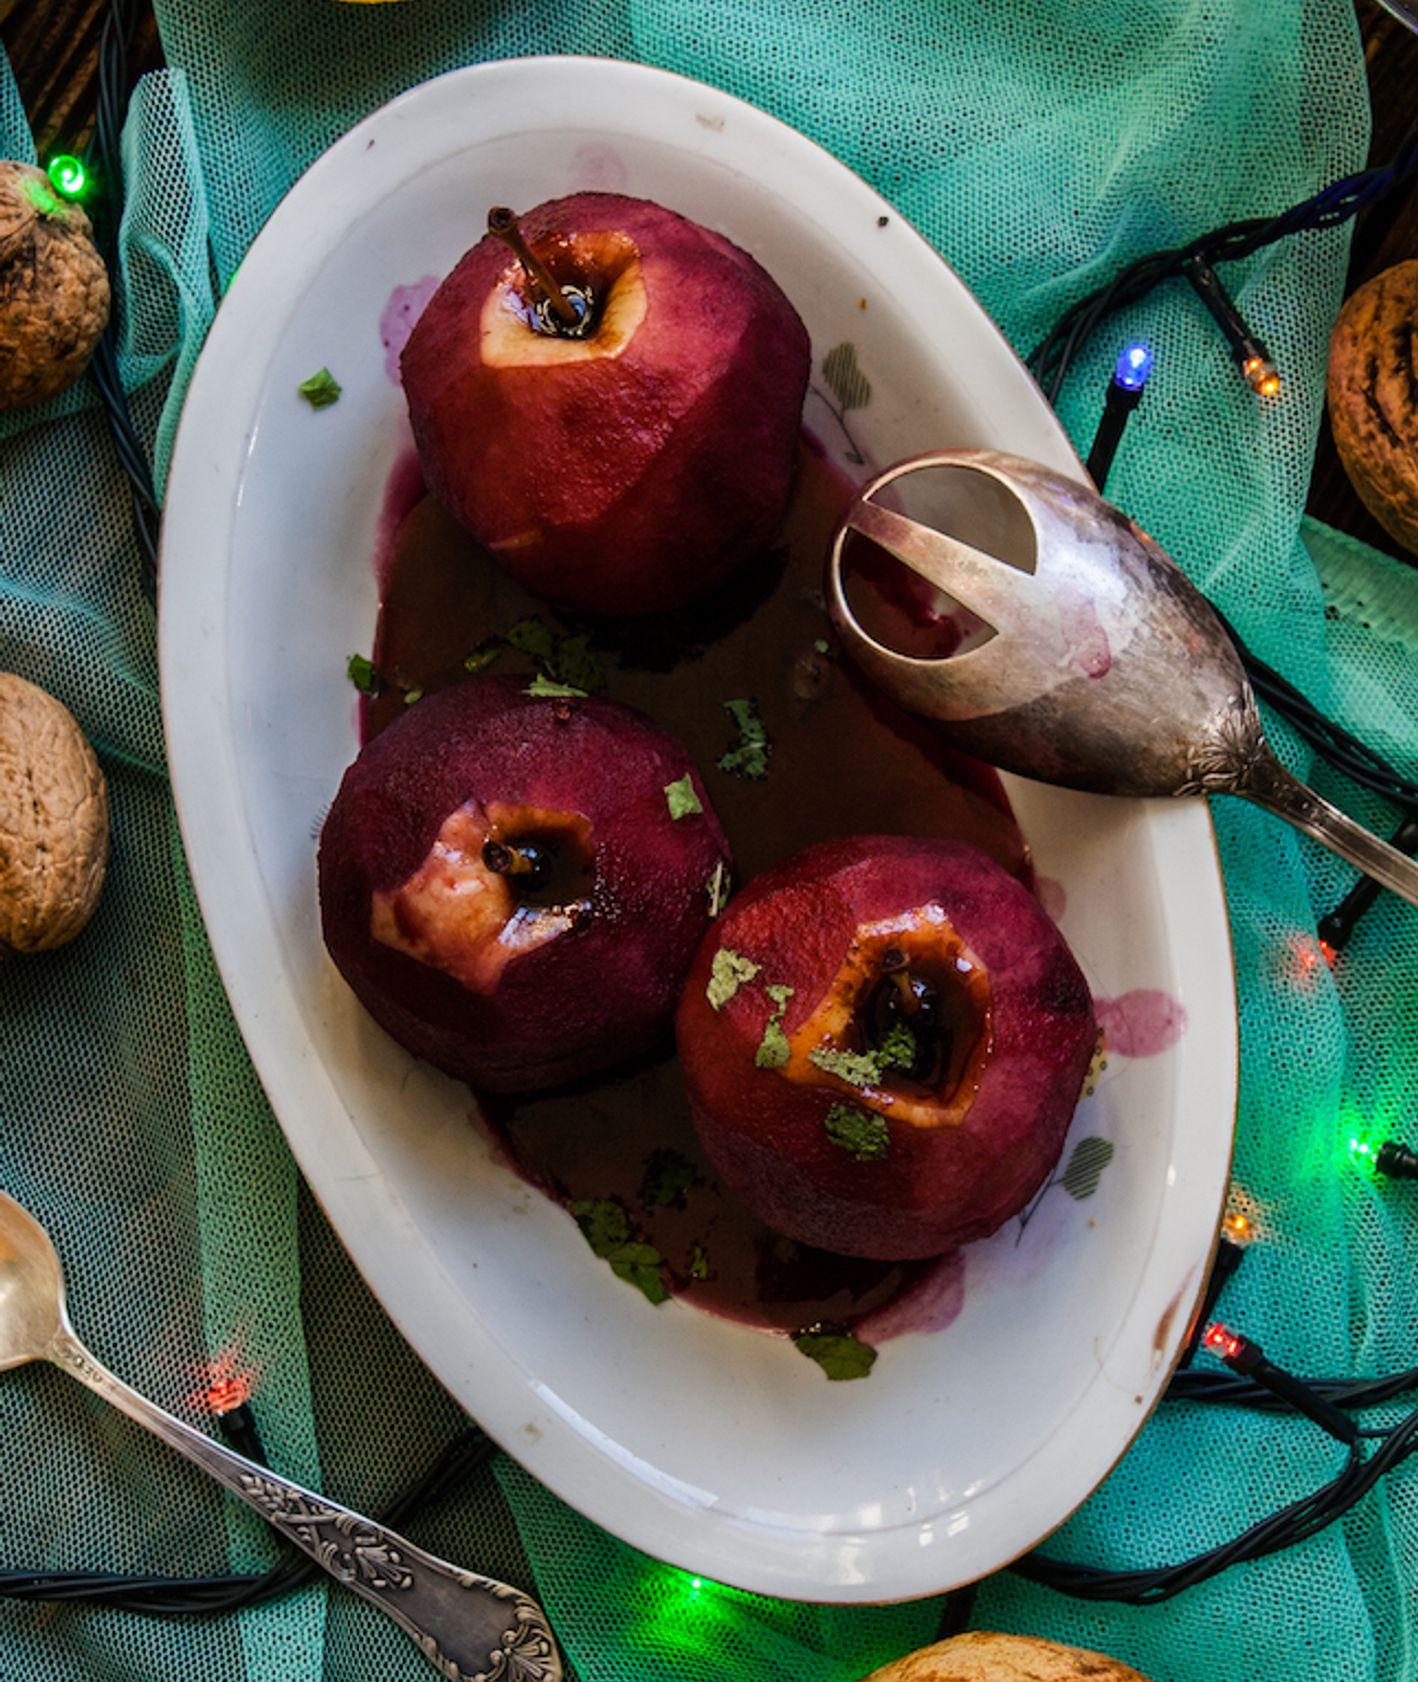 Jabłka duszone w czerwonym winie na półmisku